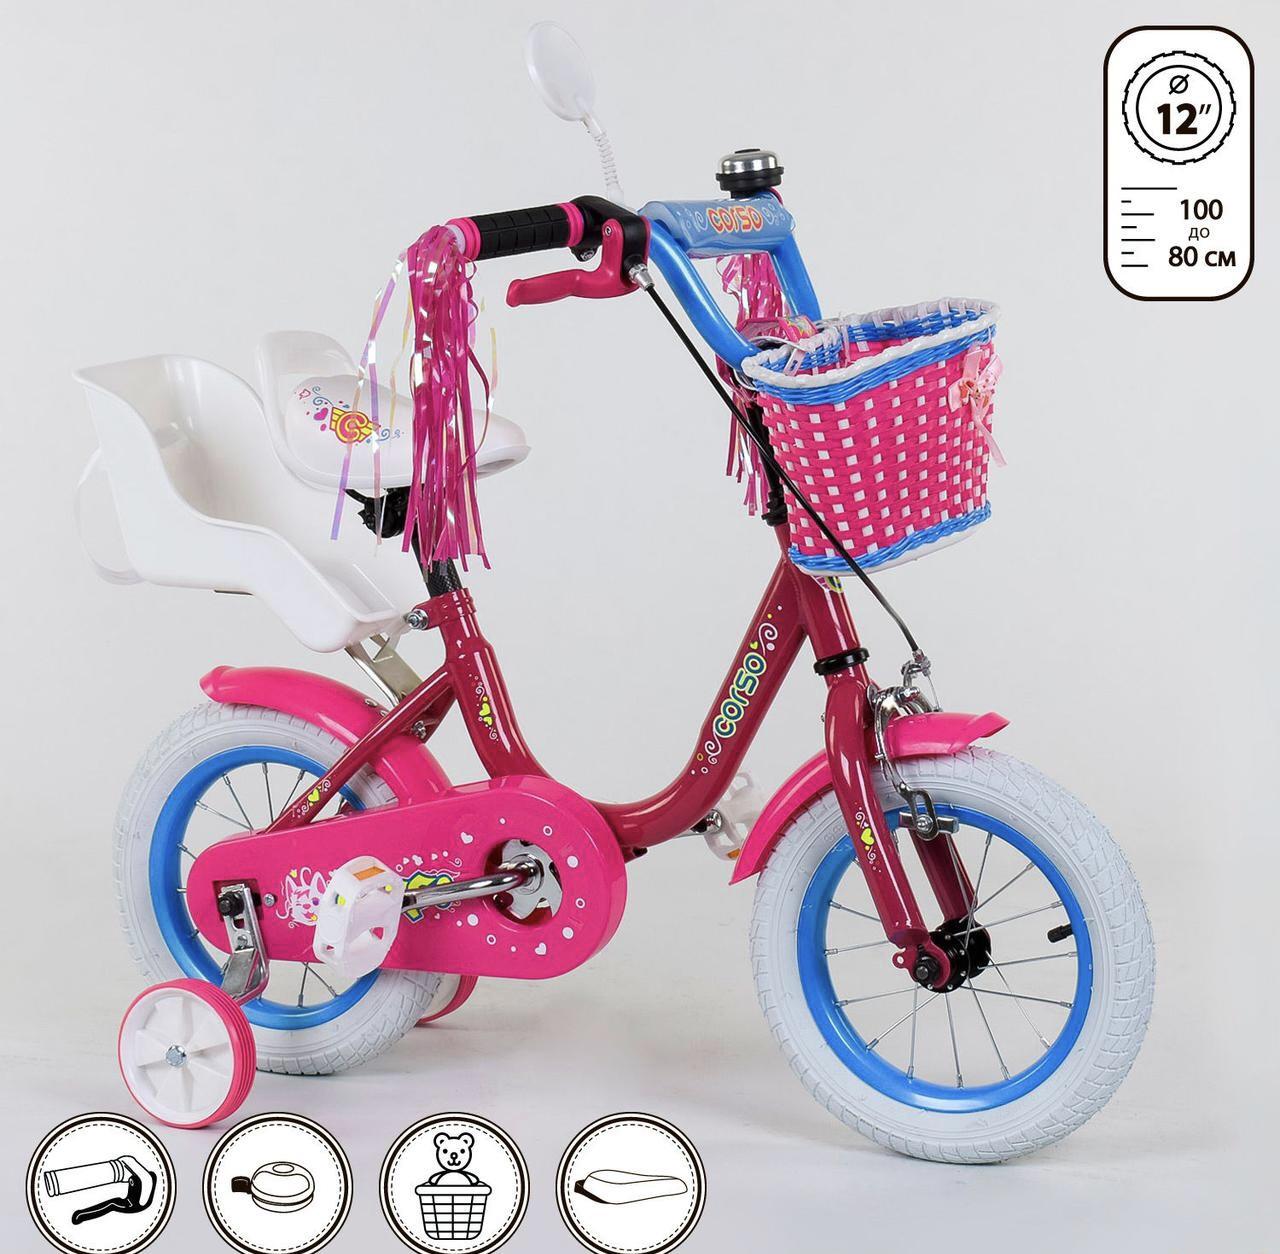 Велосипед 12 дюймов 2х колёсный CORSO 1247 ручной тормоз звоночек сидение с ручкой доп. колеса